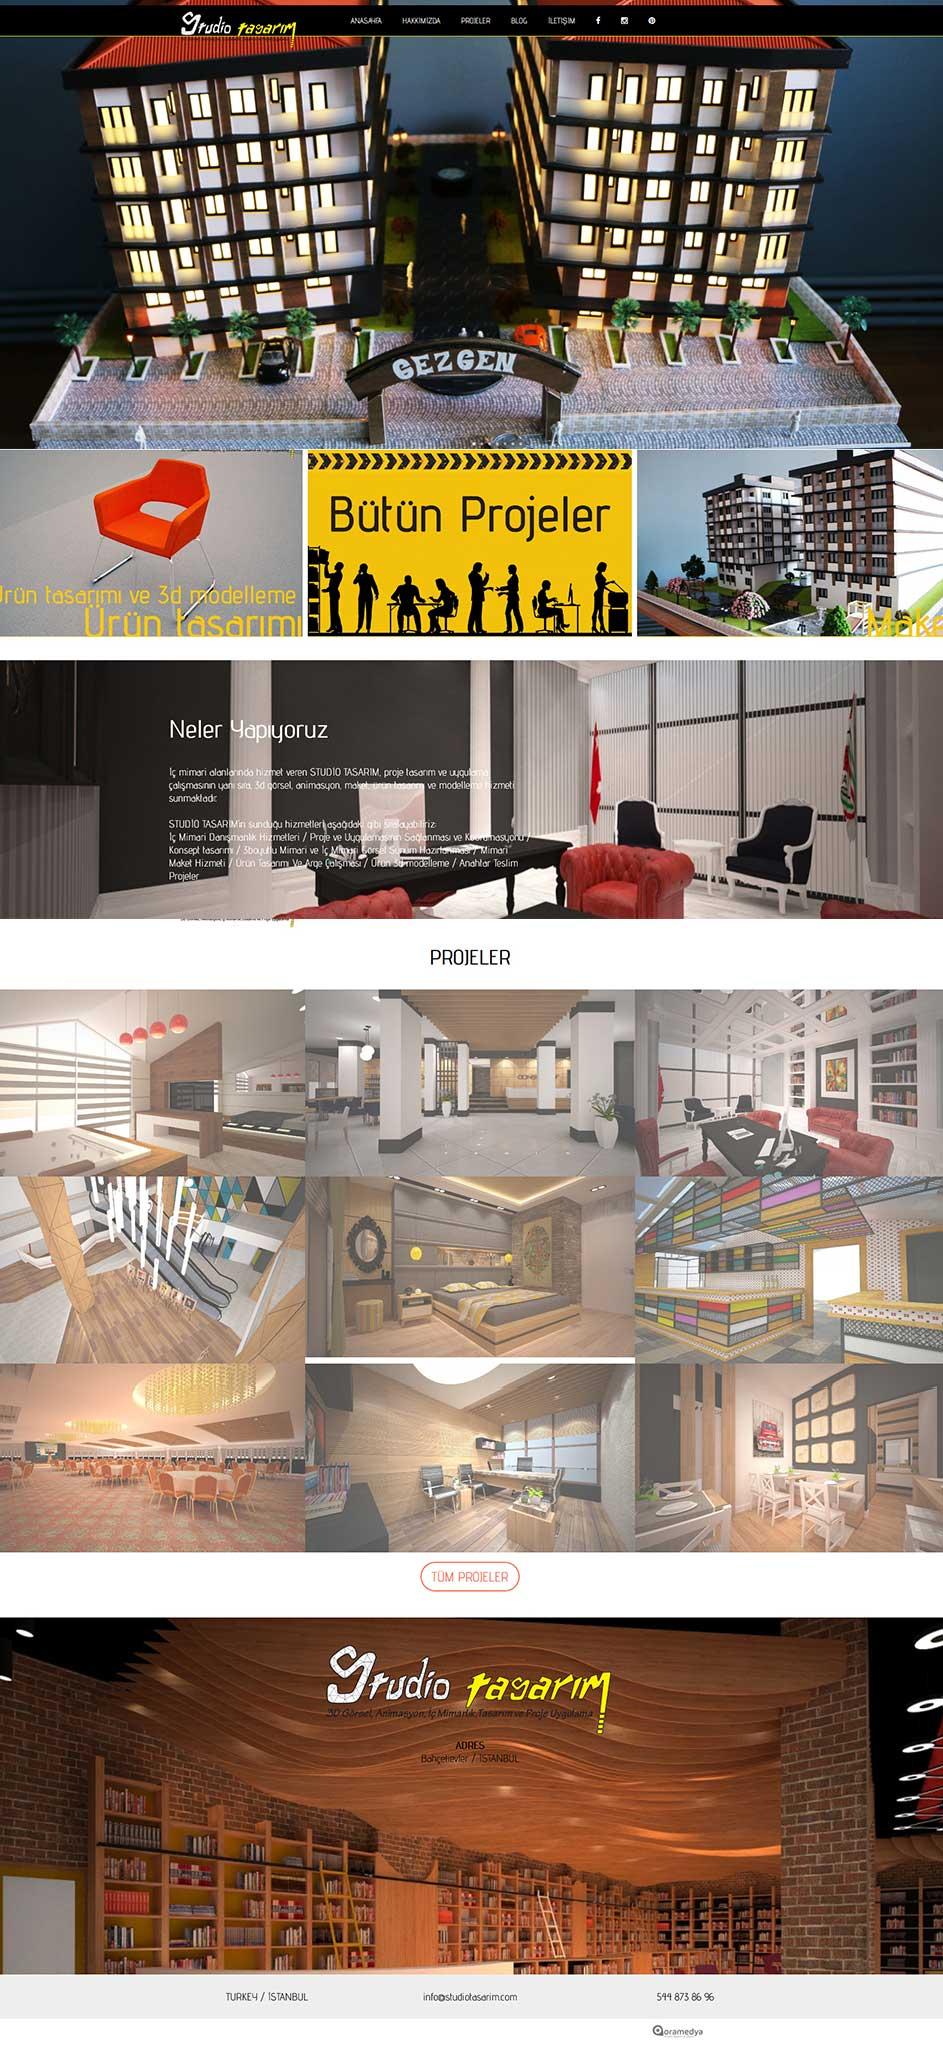 Studio Tasarım İç Mimarlık Web Sitesi Tasarımı